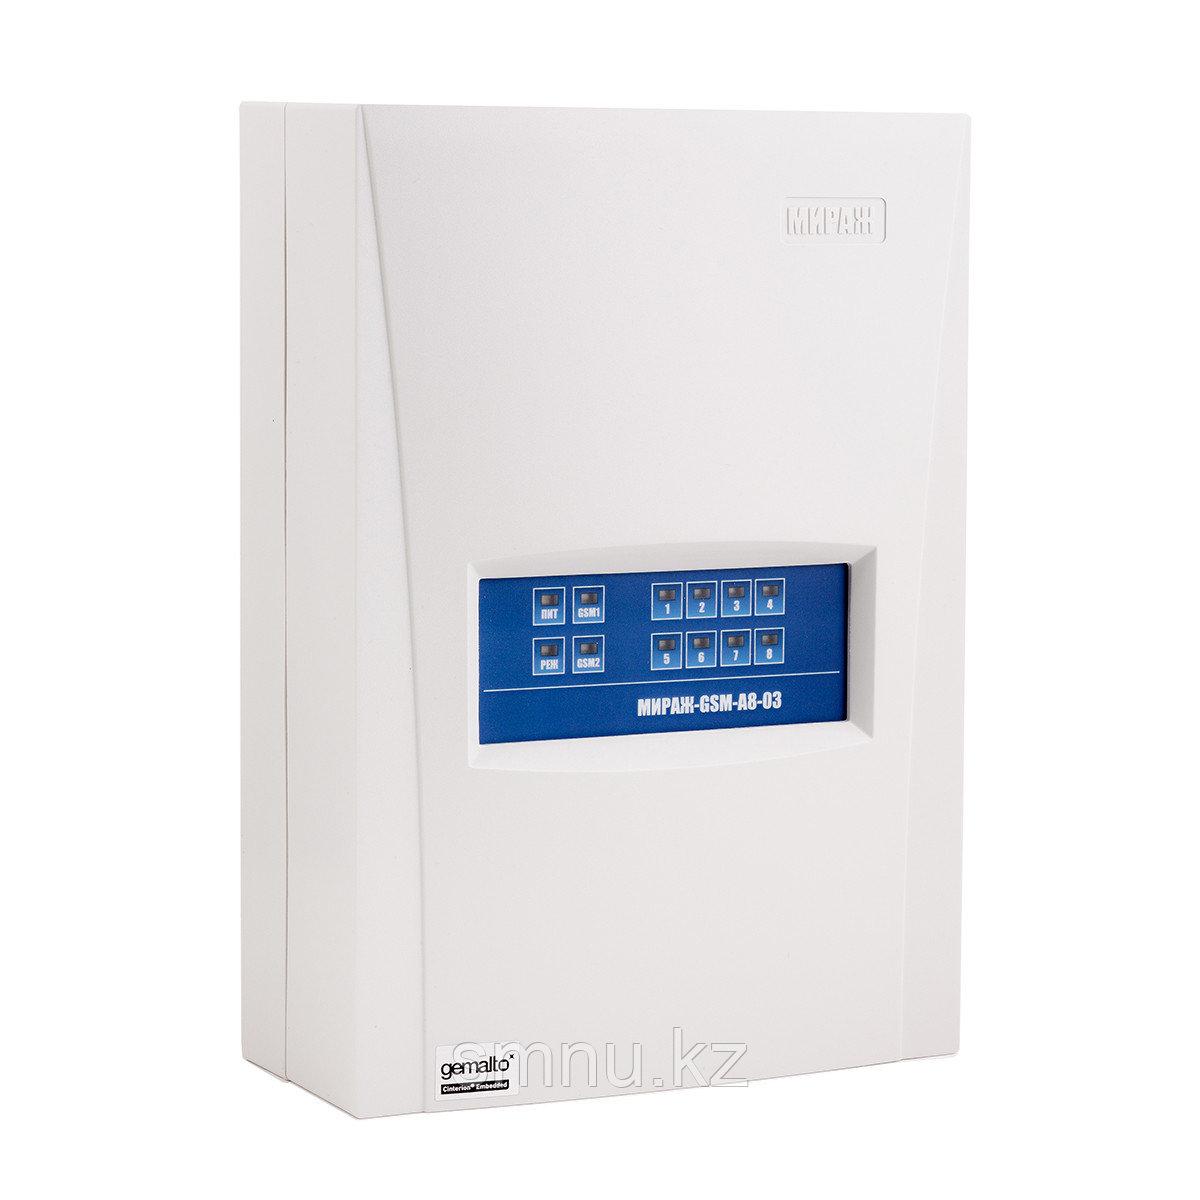 """Мираж- GSM-А8-04 - Контроллер охранно-пожарной сигнализации с функциями """"умного дома"""""""